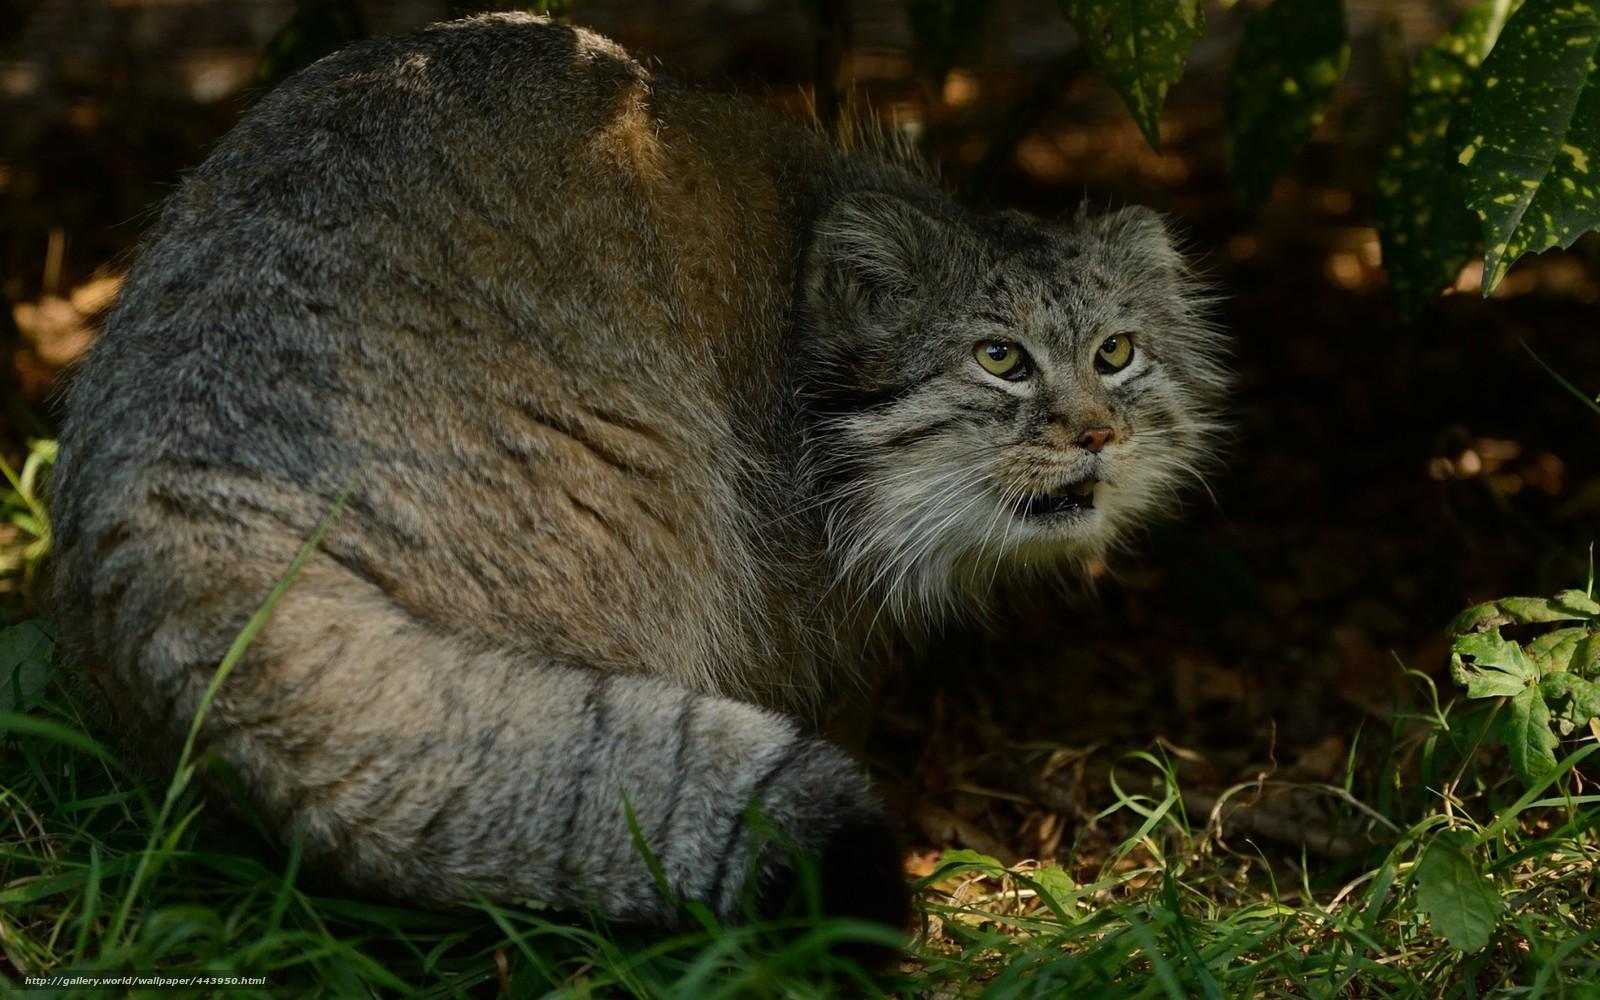 Download Wallpaper Manul Pallas Cat Predator Free